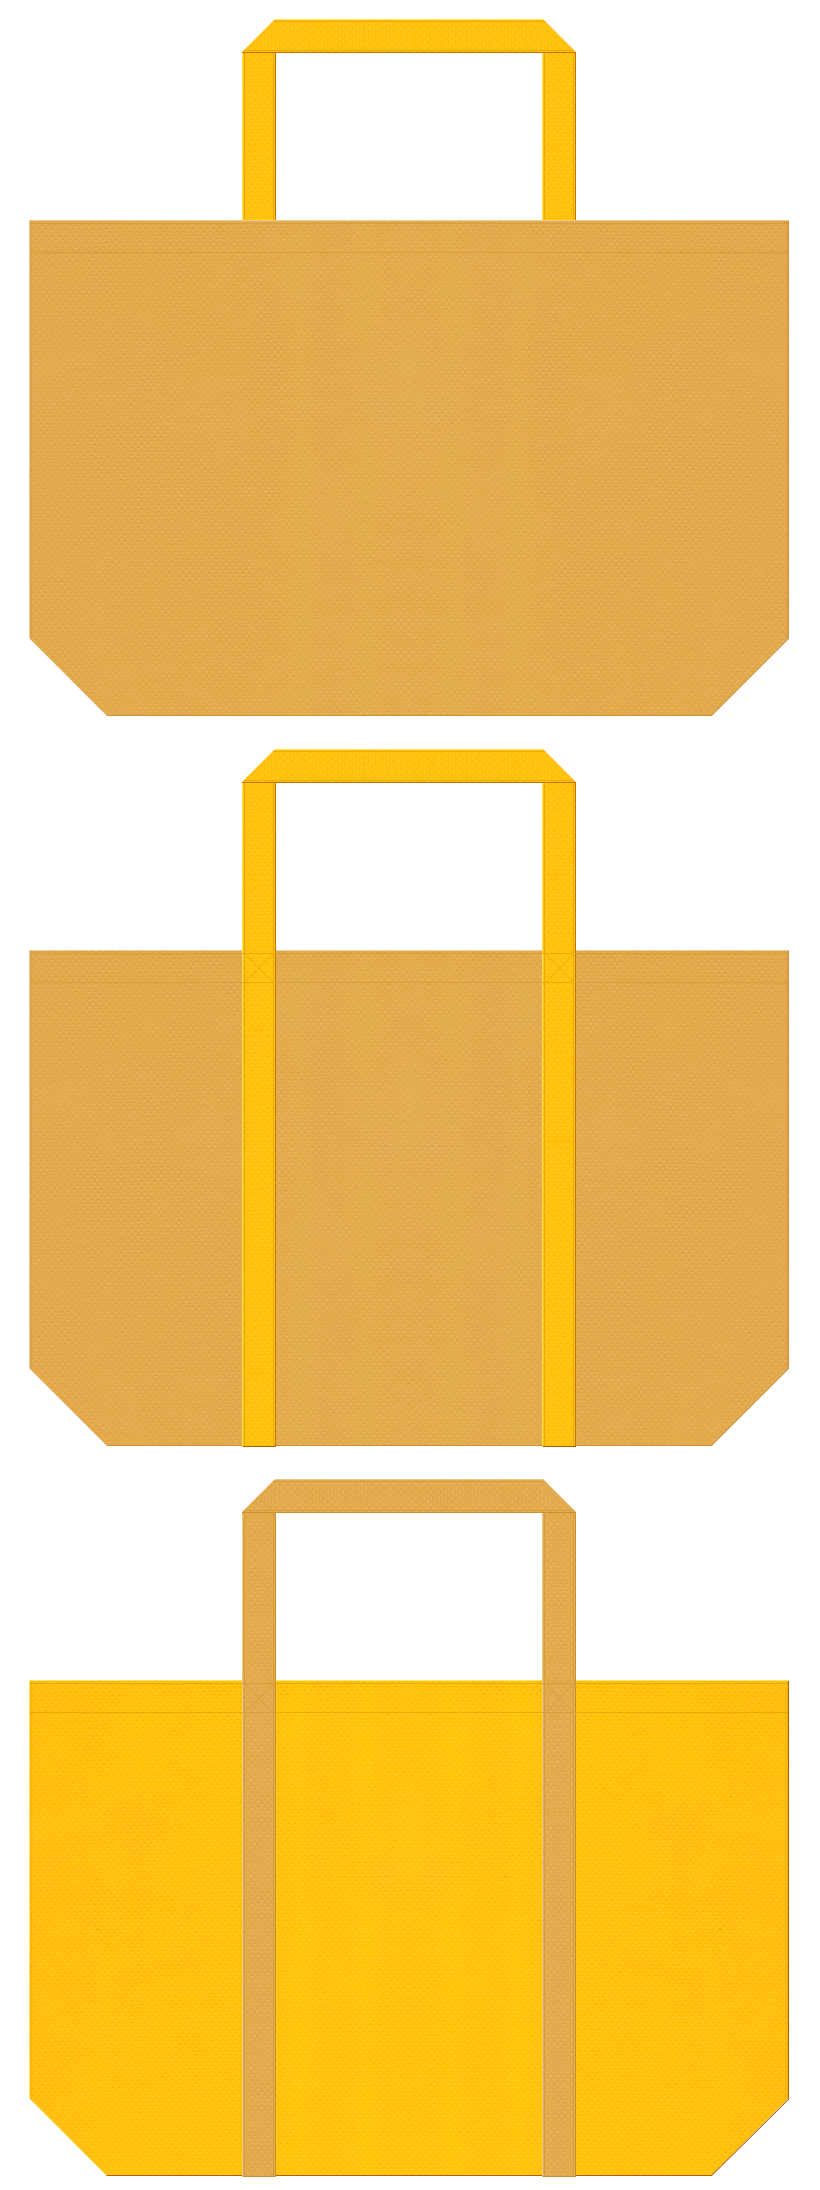 お宝・黄金・ピラミッド・ラクダ・砂漠・砂丘・麦・ビール・食用油・マスタード・バター・マロンケーキ・スイーツ・はちみつ・栗・和菓子のショッピングバッグにお奨めの不織布バッグデザイン:黄土色と黄色のコーデ